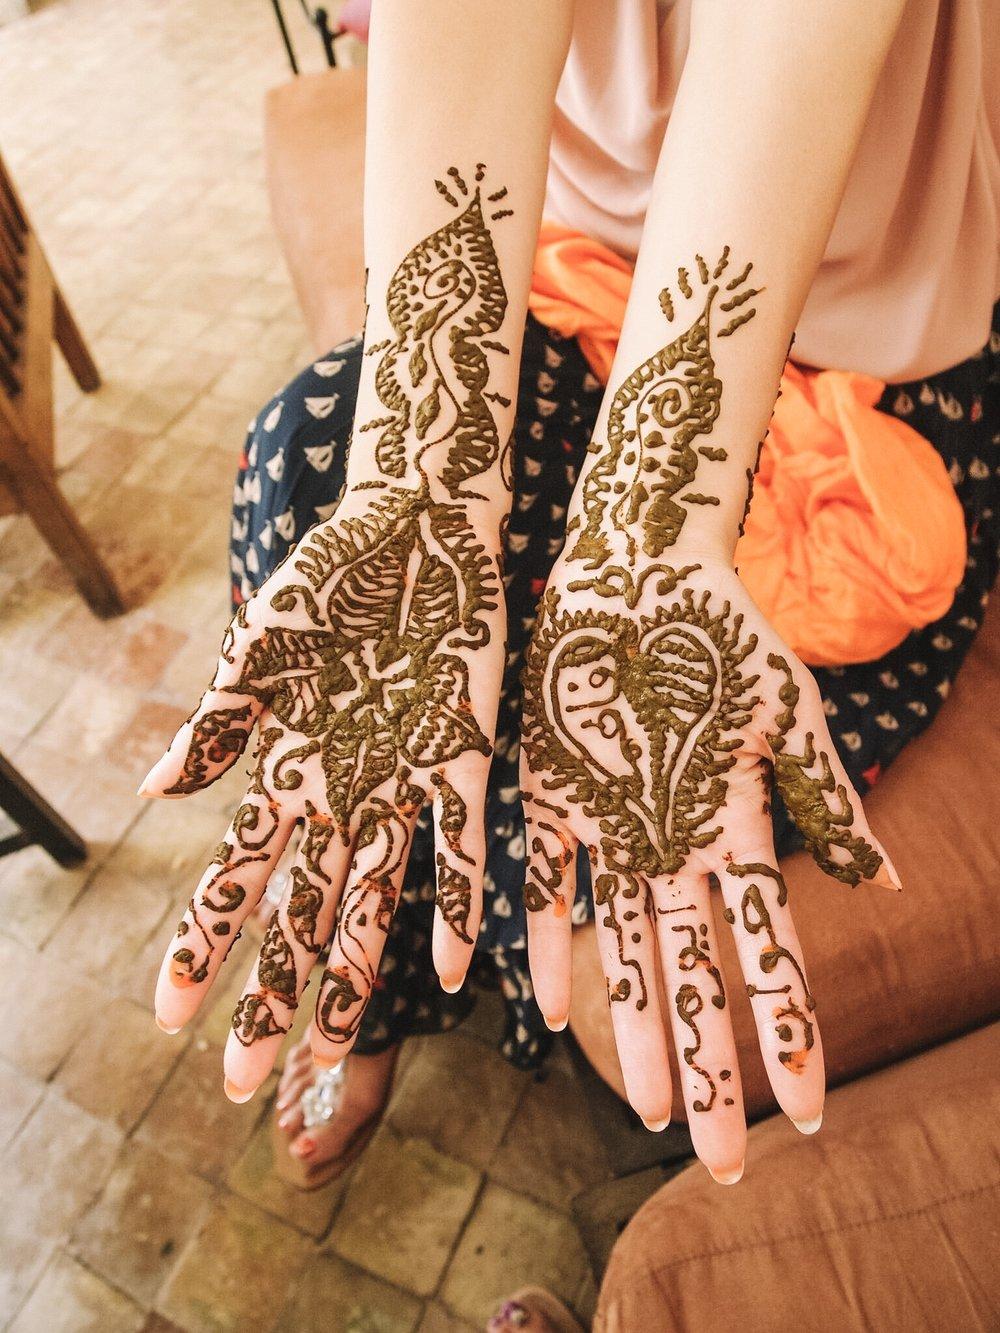 ヘナタトゥー - これは一緒に旅した友人がどうしてもしてみたかったこと。ヘナタトゥーとは手足に、ヘナでタトゥーのように行うボディペイントです。ヘナは1~2週間ほどで自然と消えます。モロッコの女性は、おしゃれや魔除けの意味を込めて、結婚式など特別な日は必ず行うそう。今回は宿のドミニクさんにお願いしてヘナタトゥーの方を呼んでいただきました。街中でやると、ヘナの質でかぶれてしまったり、肌に合わないこともあるので、専門の方を呼んでもらうことをオススメします。書いてくれたお母さんと相談しながらゆっくり1時間半ほど。魅惑の模様が出来上がりました。